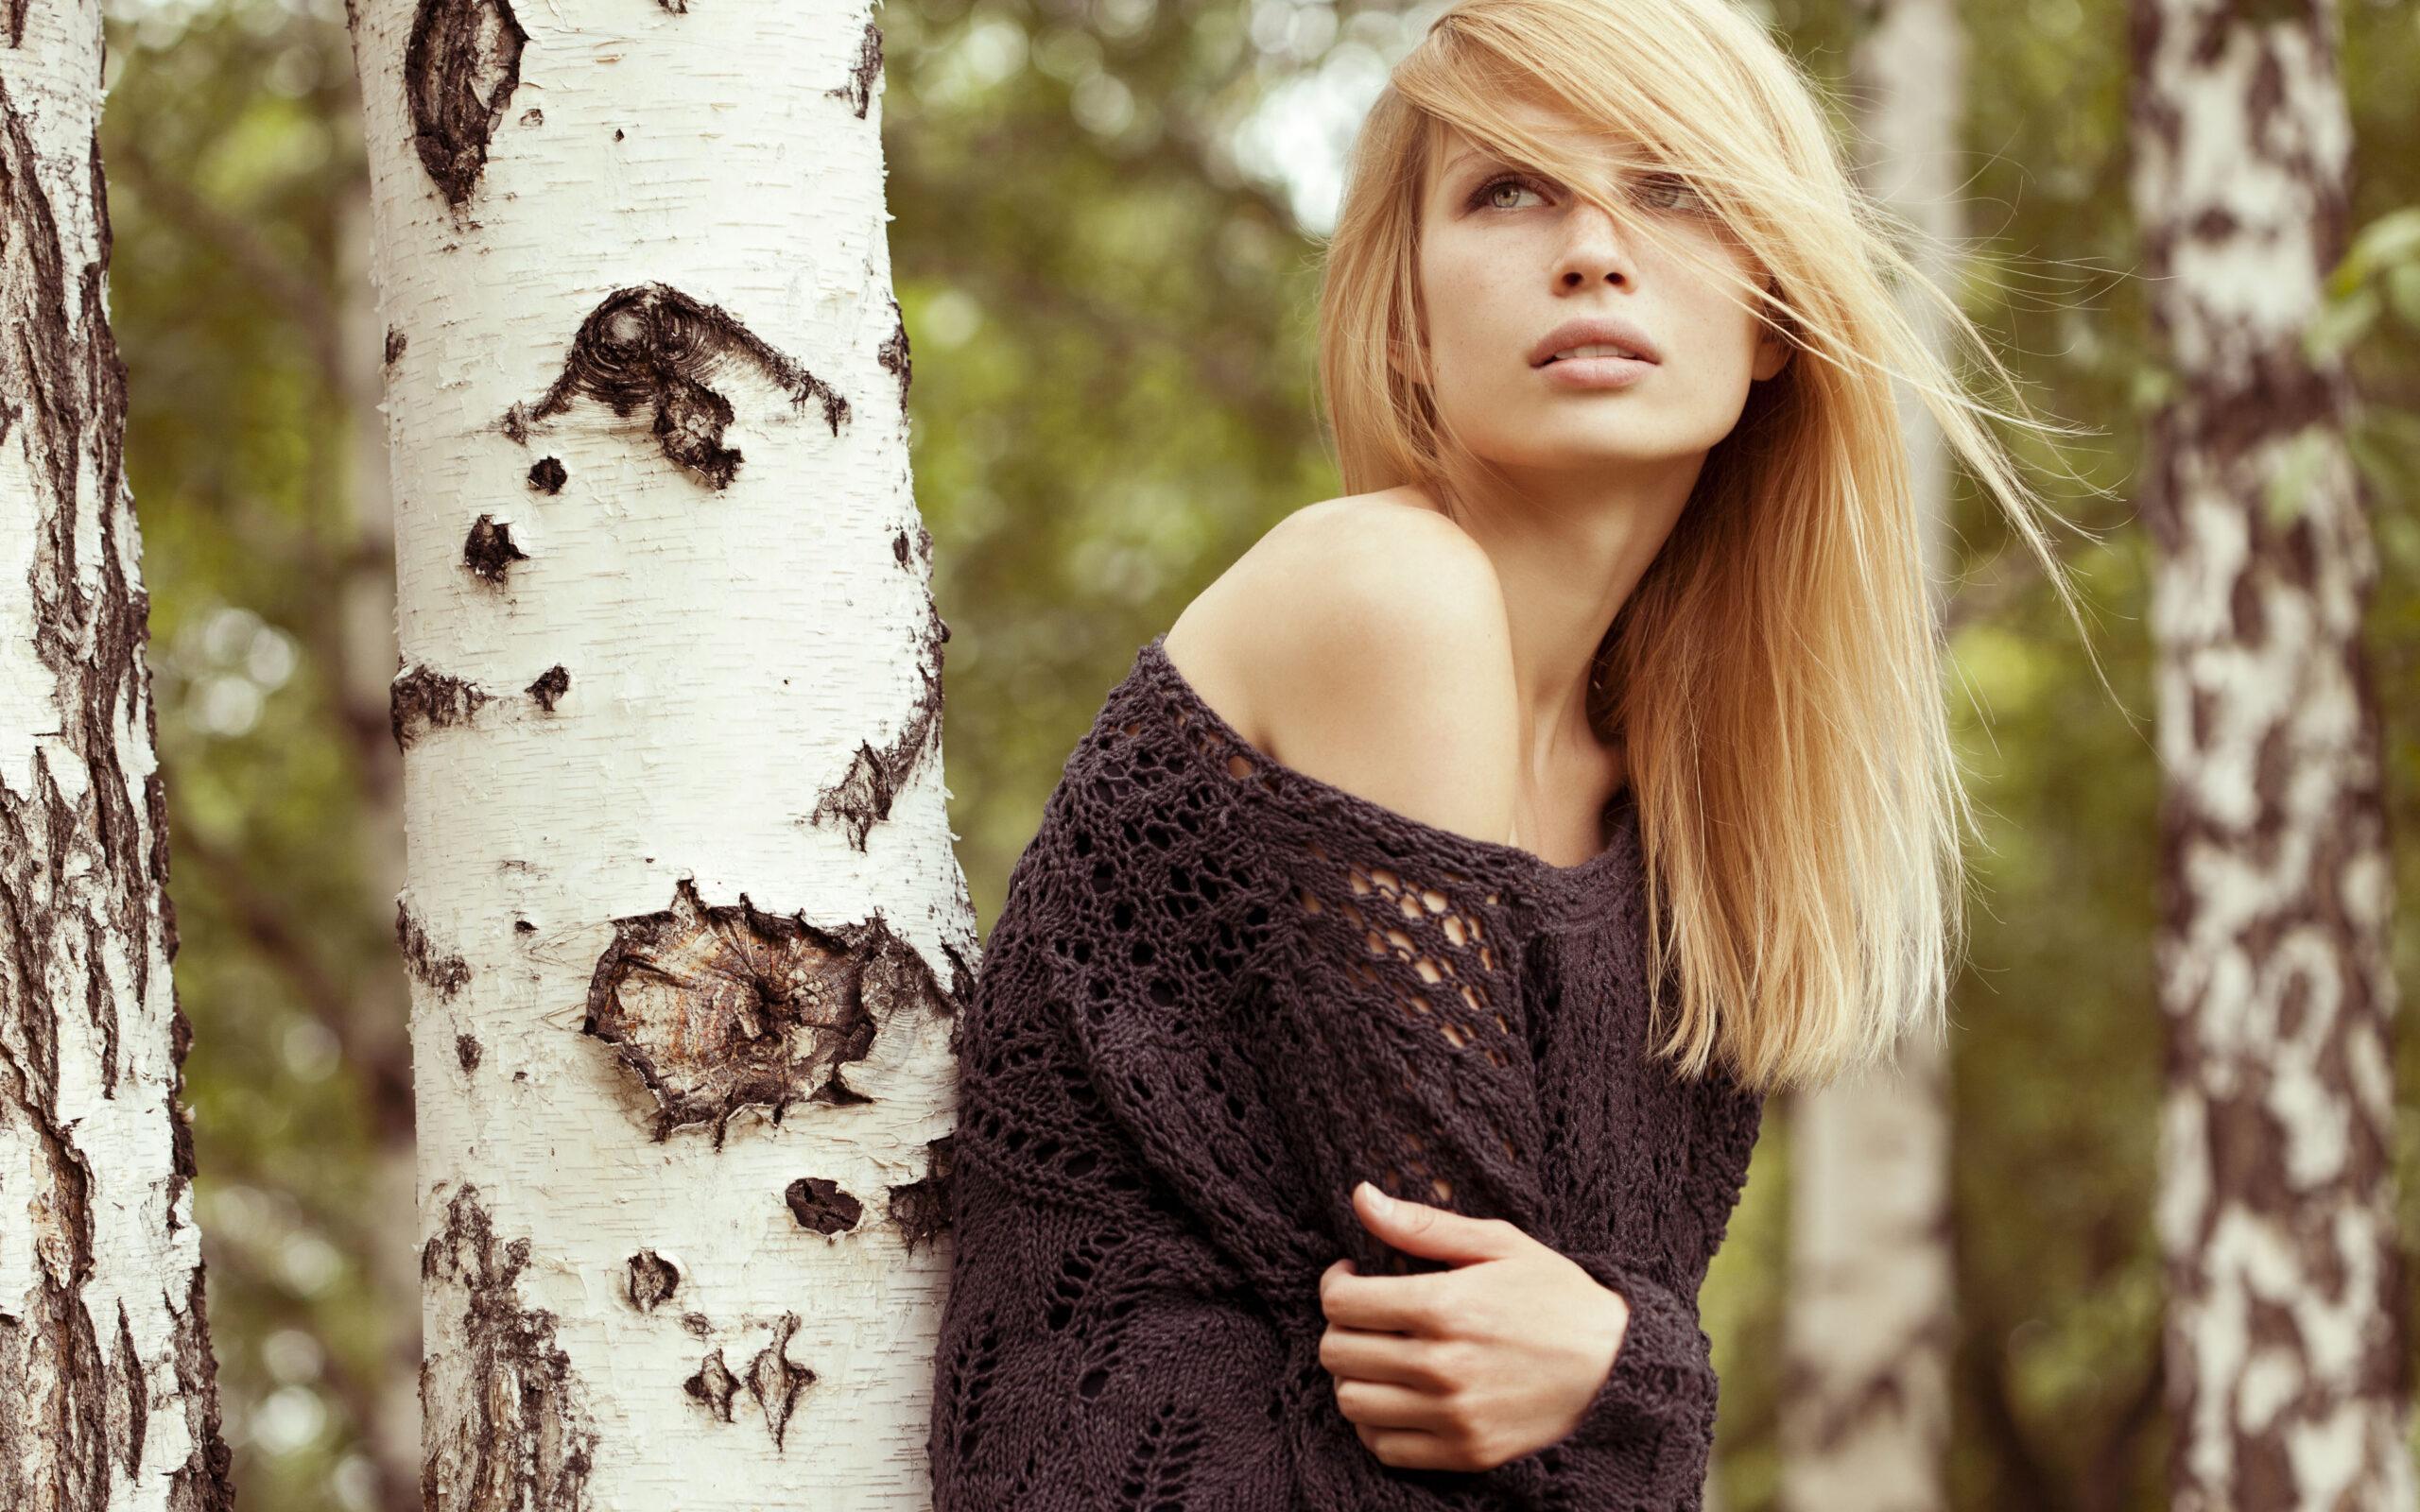 Skincare hygge: i segreti di bellezza delle donne scandinave